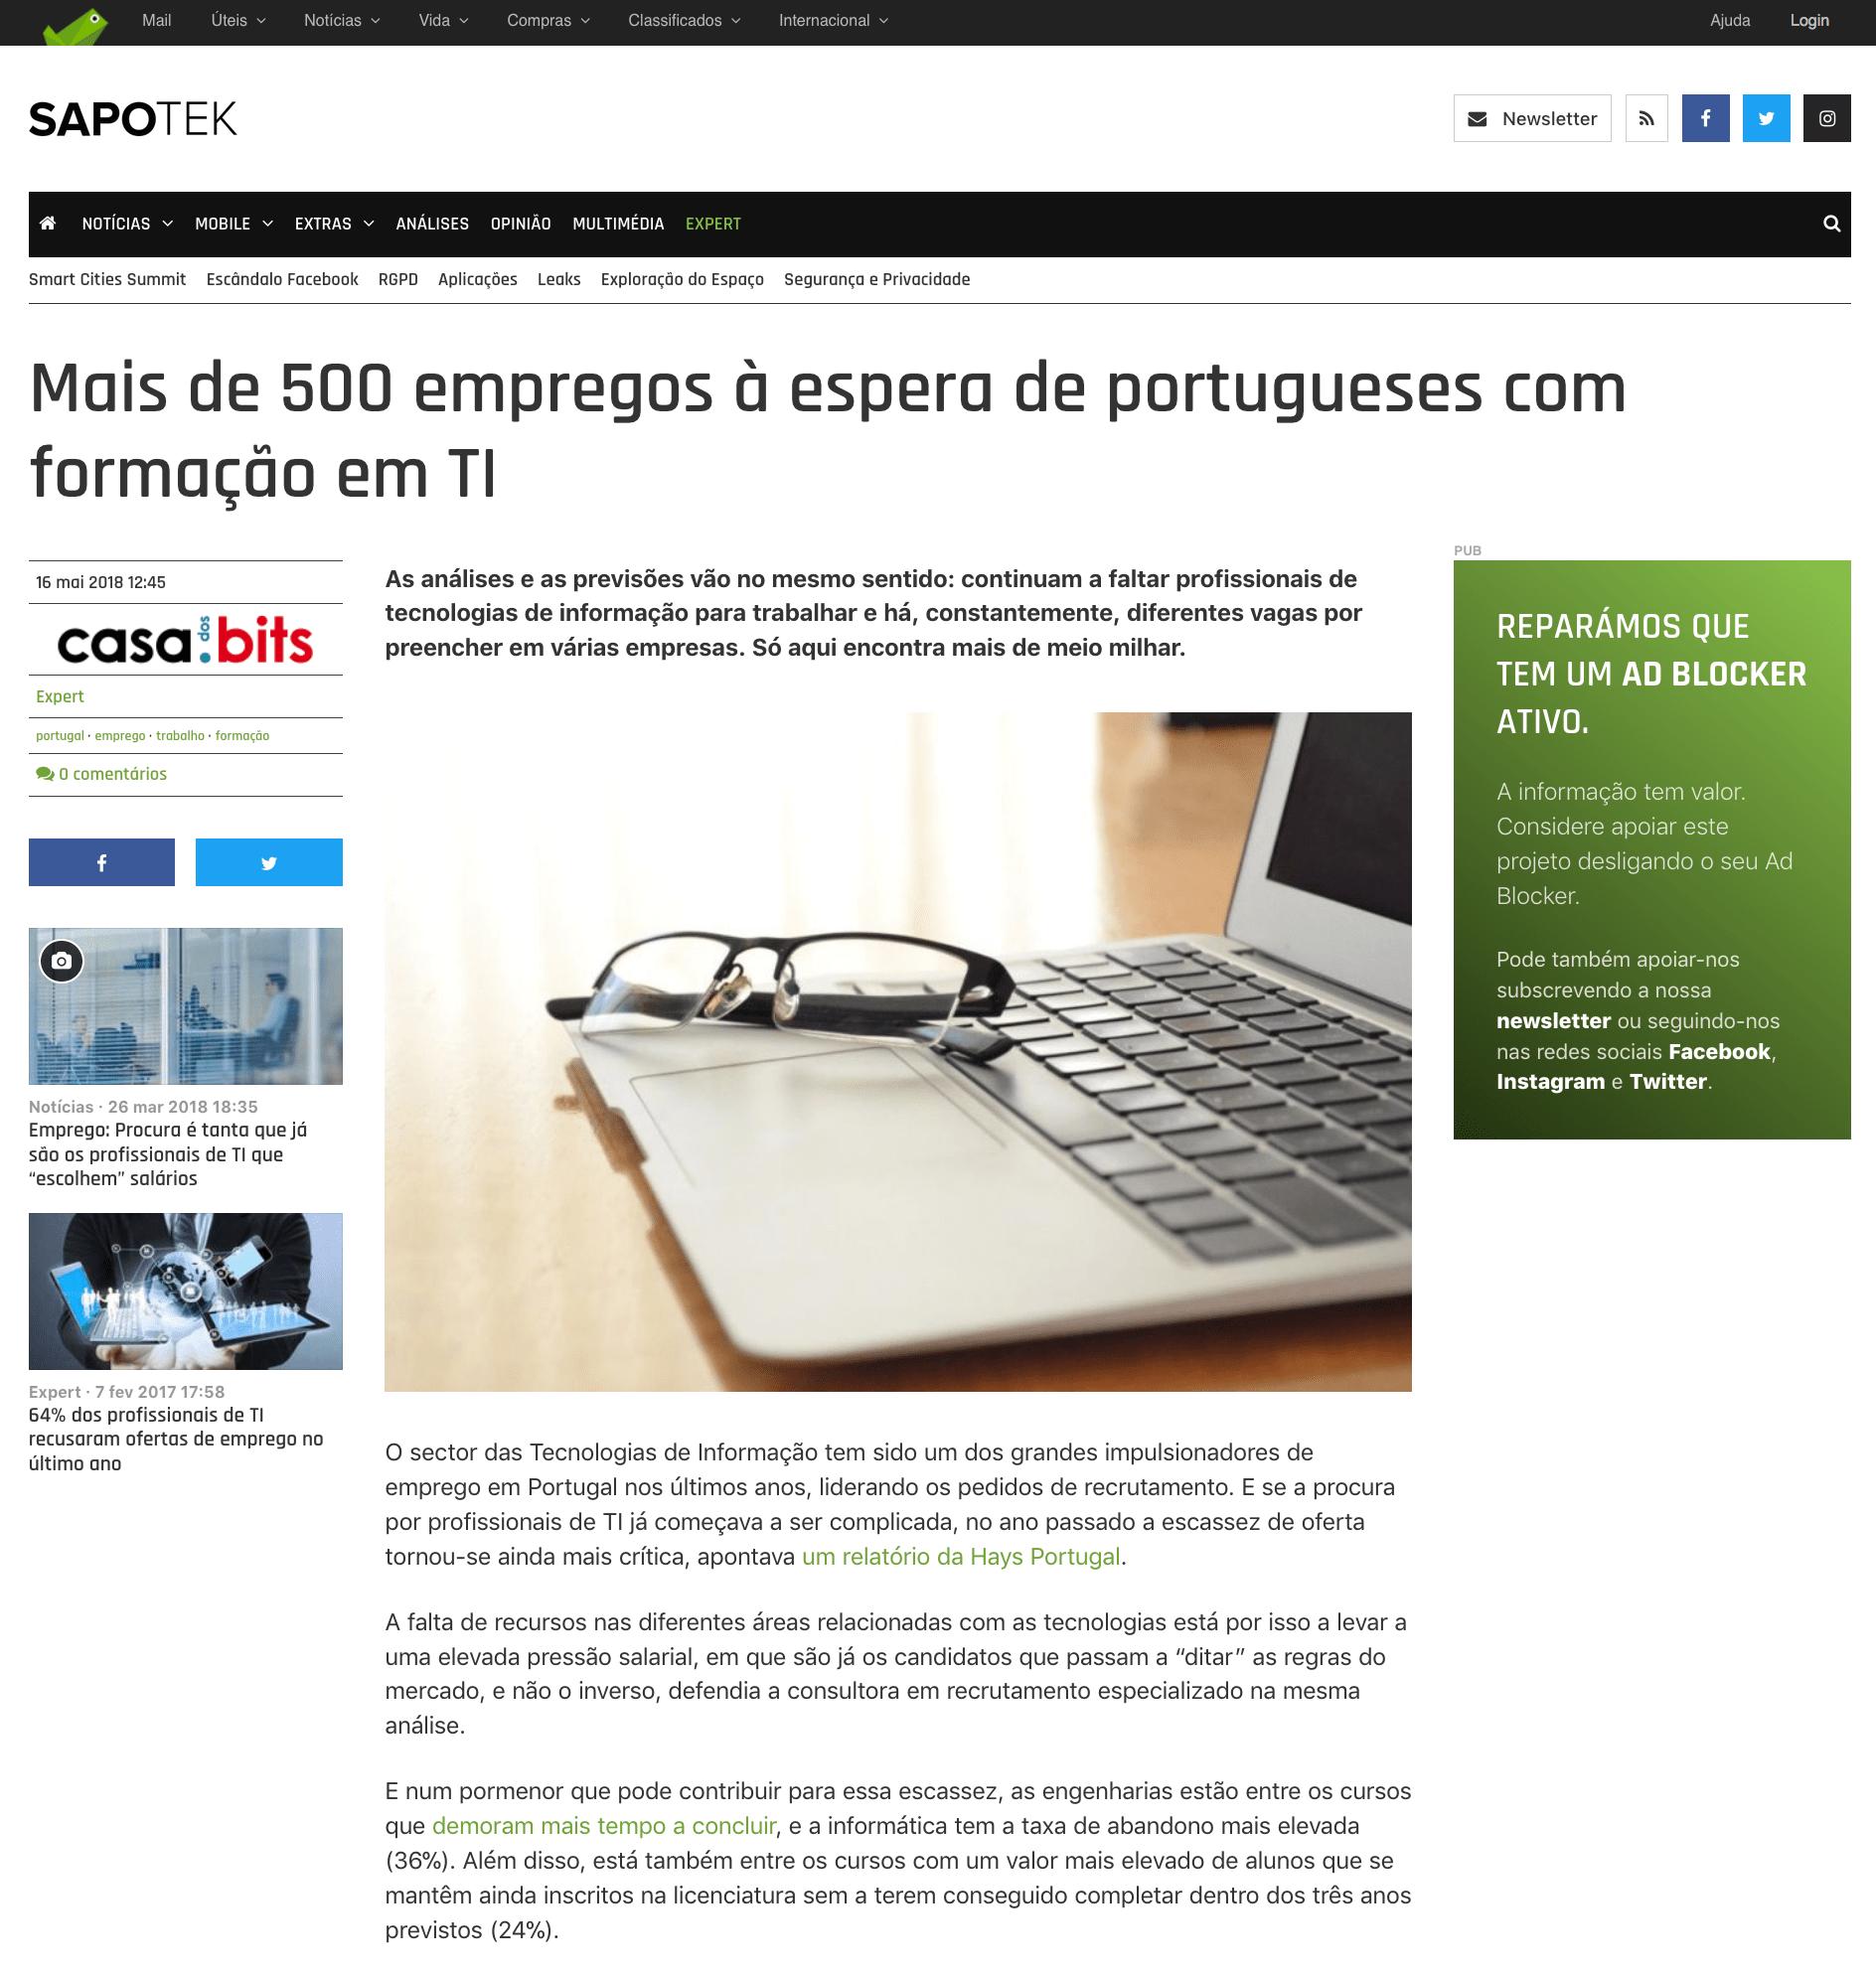 500 empregos à espera de Portugueses com formação em IT - PC Guia